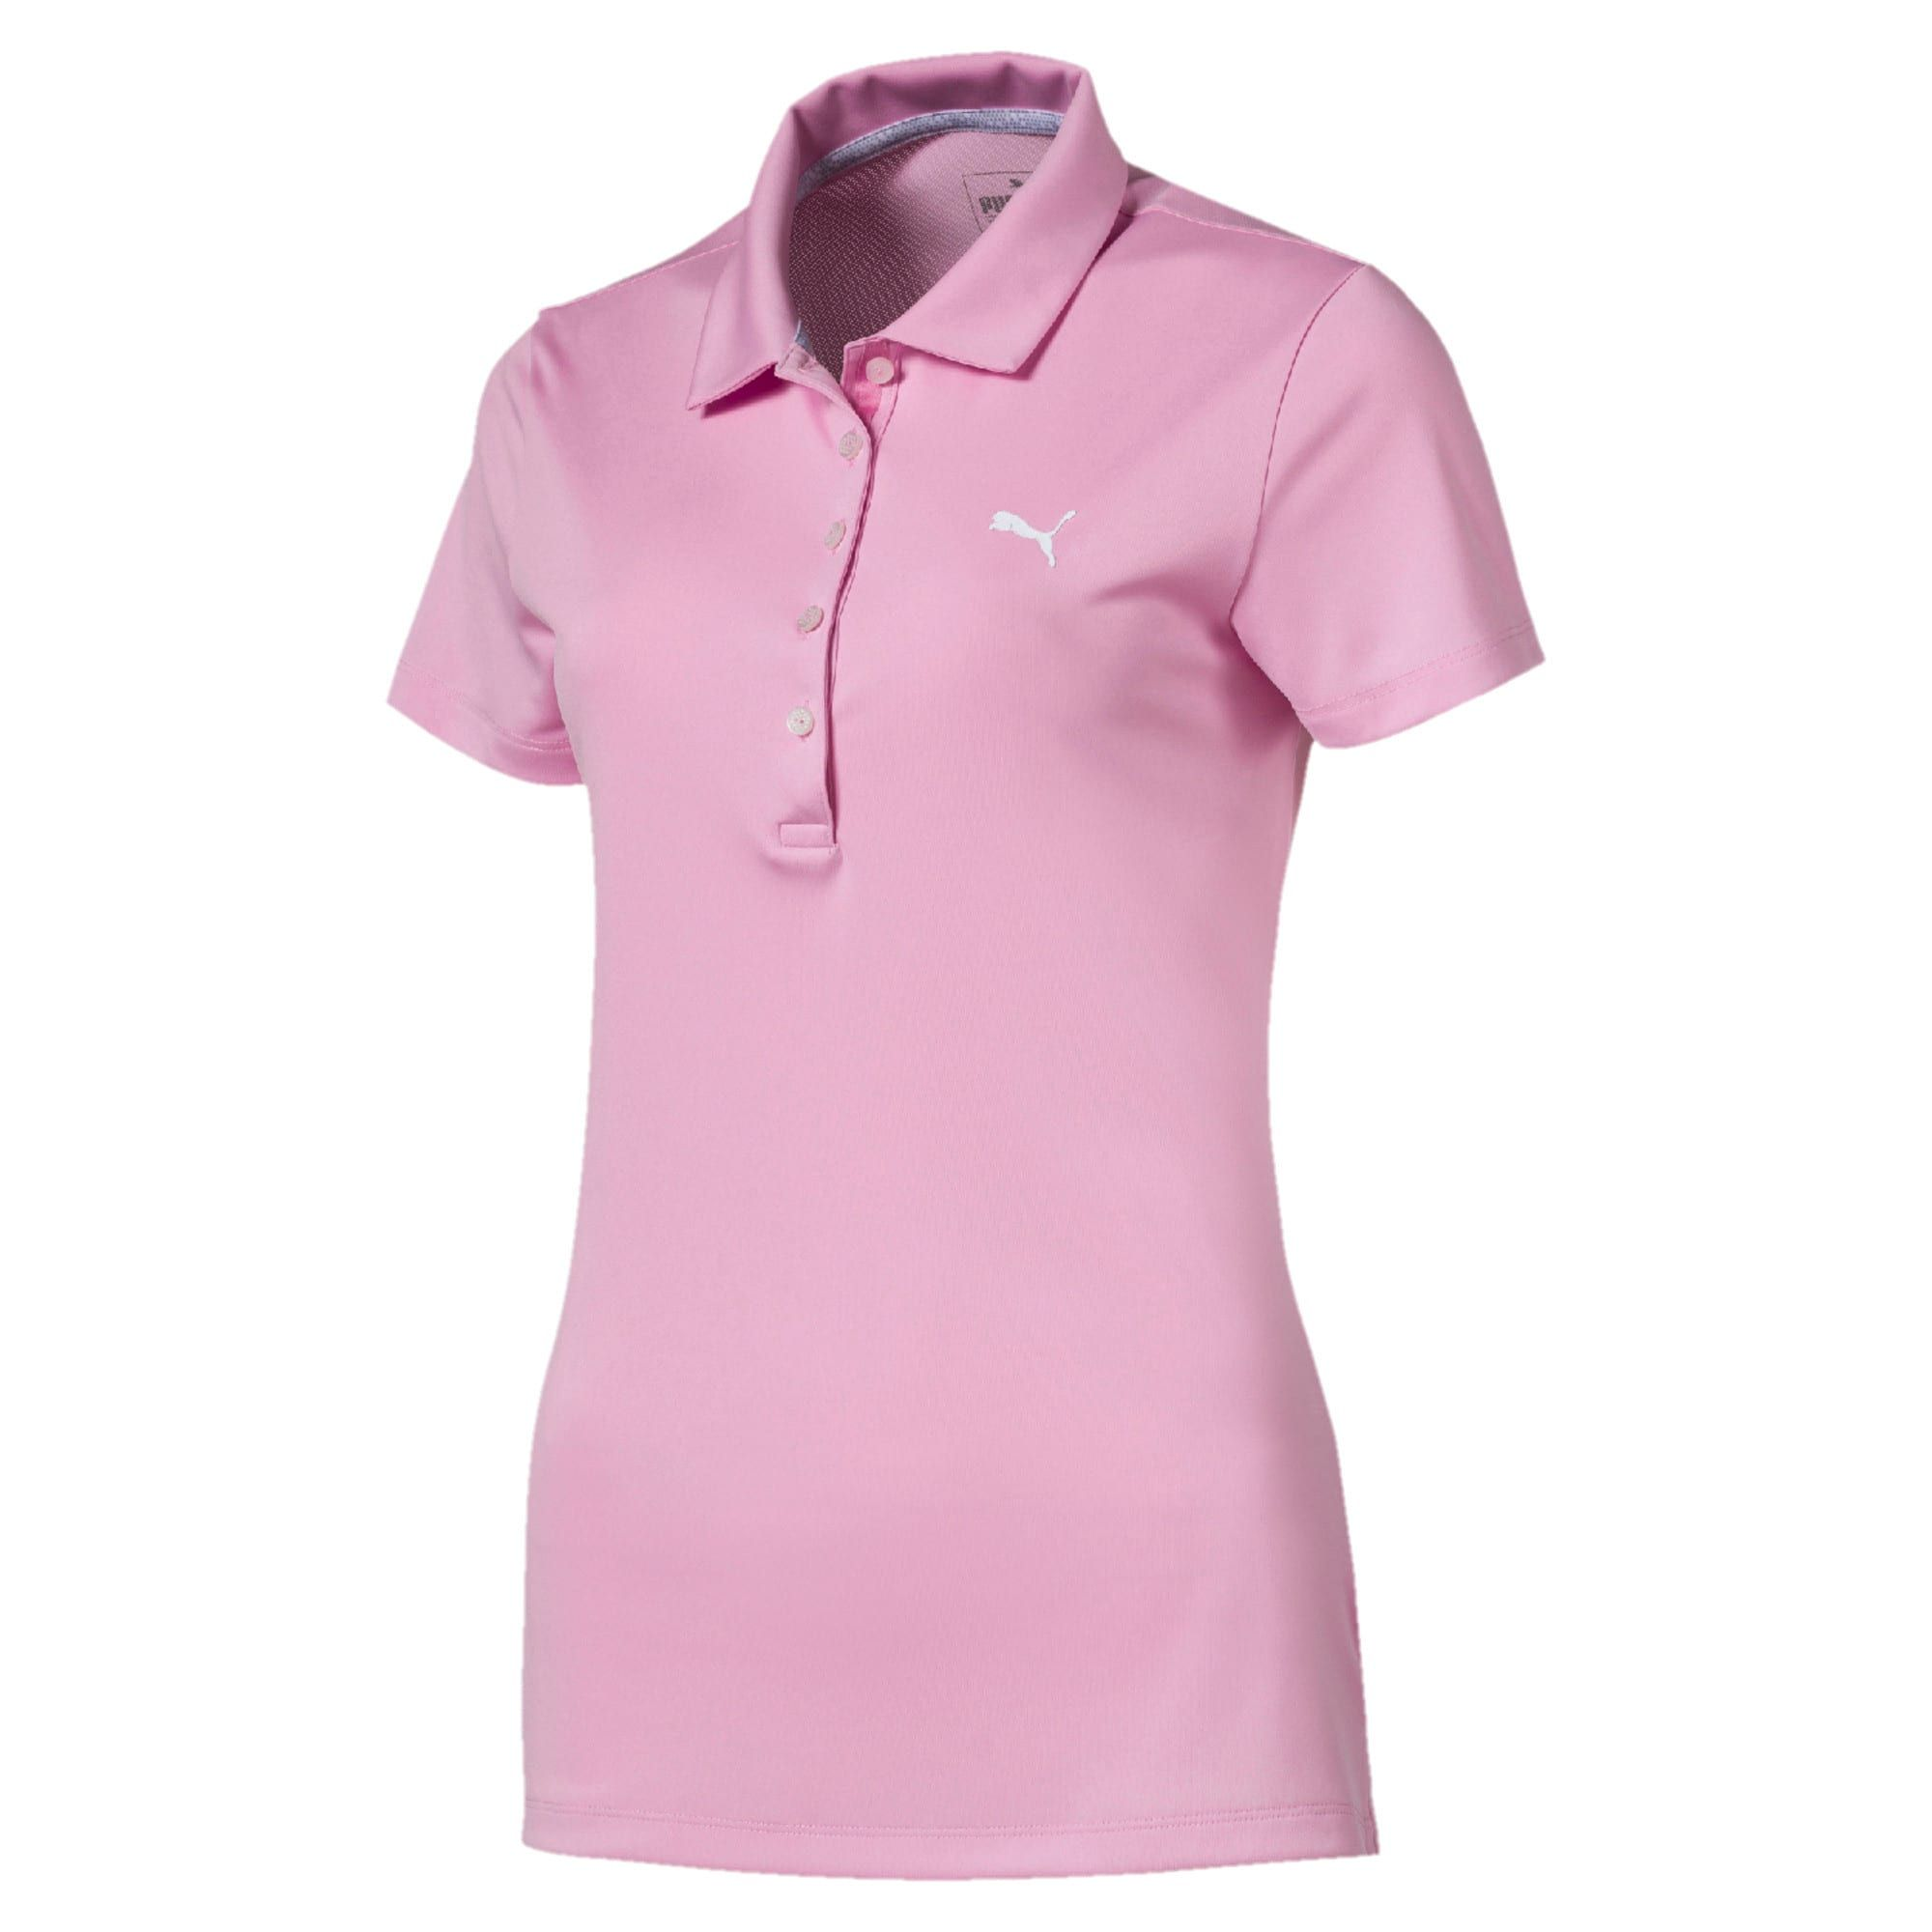 Puma Womens W Pounce Polo 2.0 Shirt